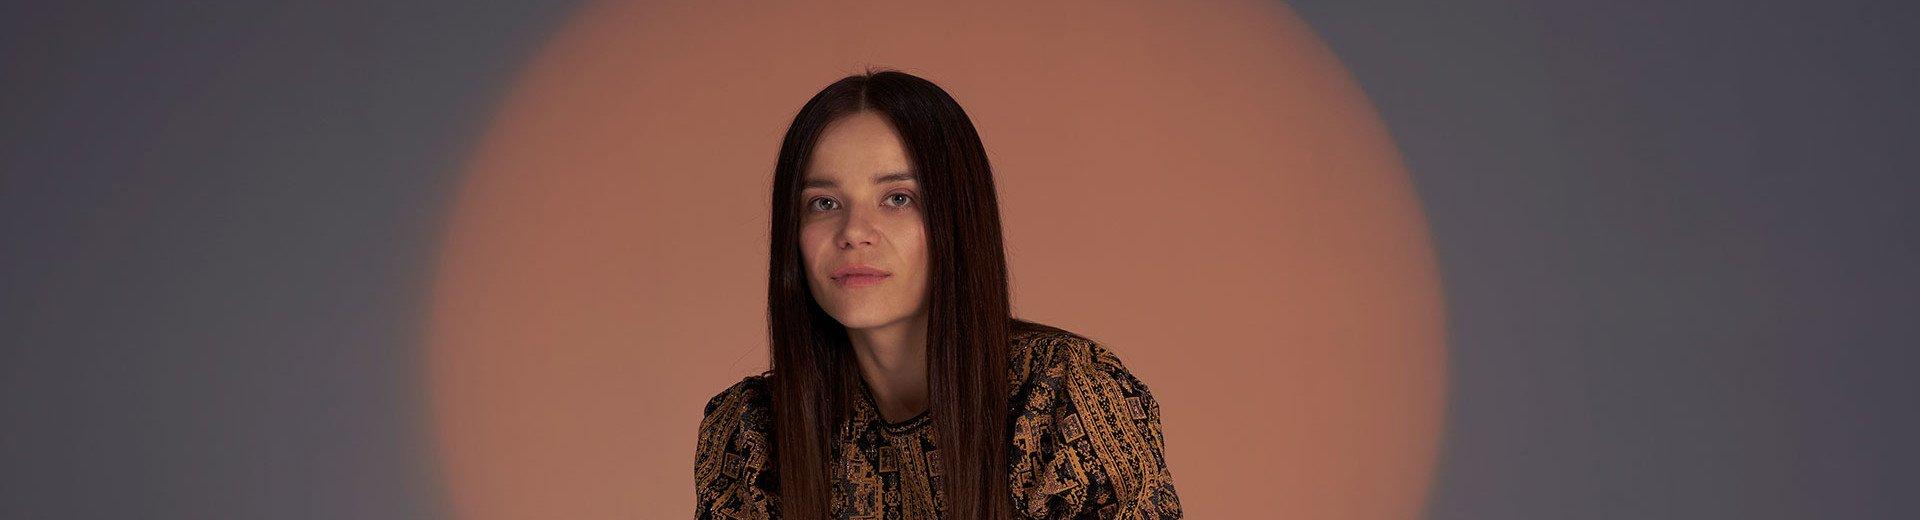 Okładka artykułu Beata Śliwińska o projektowaniu — Barrakuz w rozmowie o sztuce kolażu i współpracy ze Spotify i marką Adidas